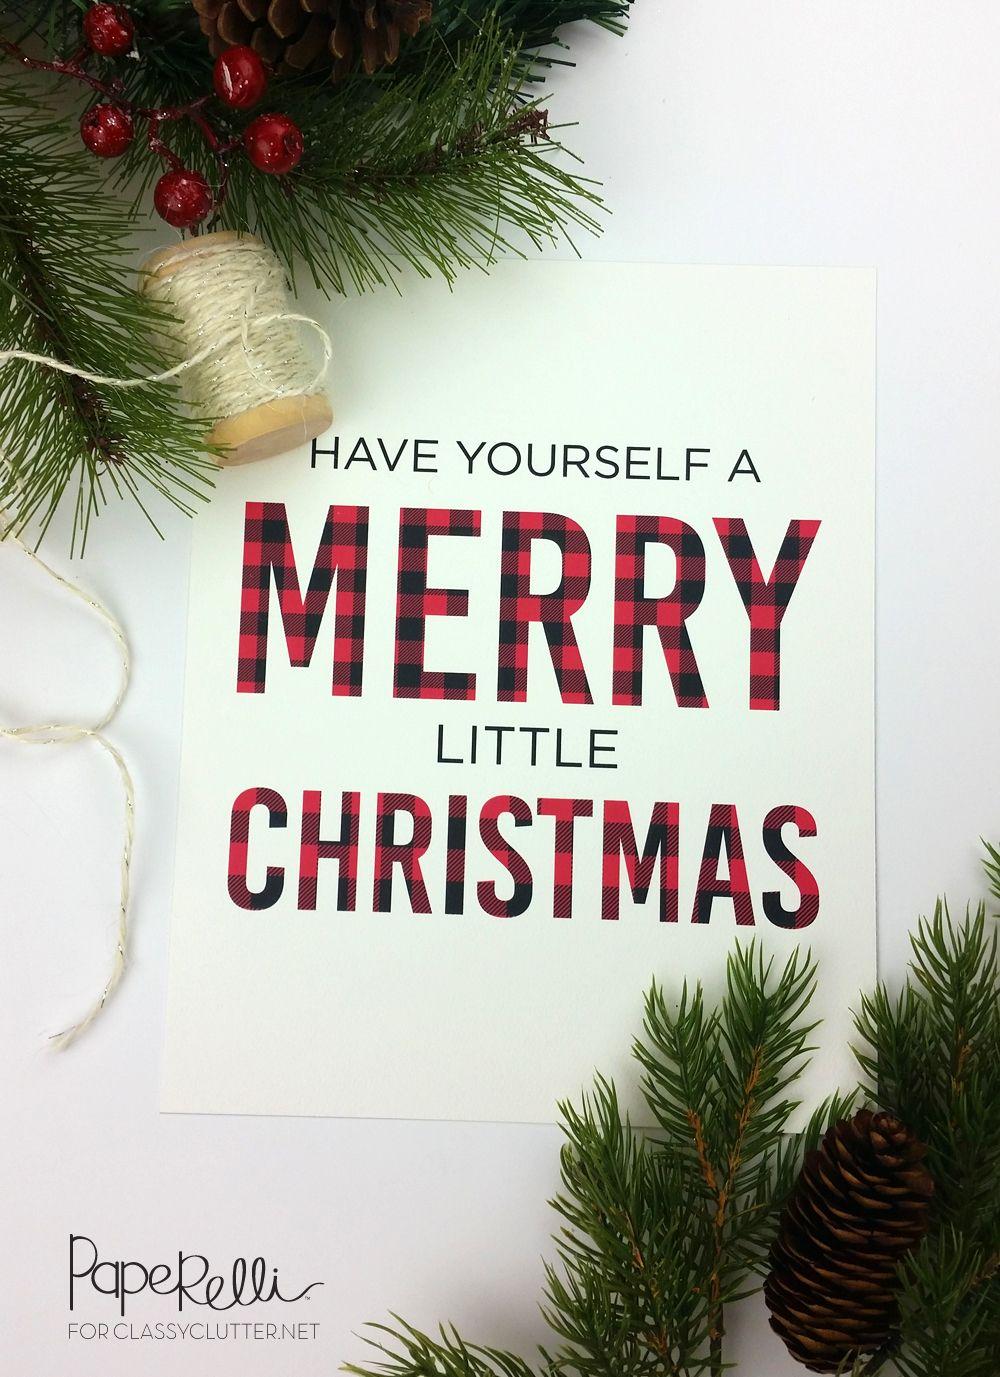 Buffalo Check Plaid Christmas Print | Pinterest | Free printable ...